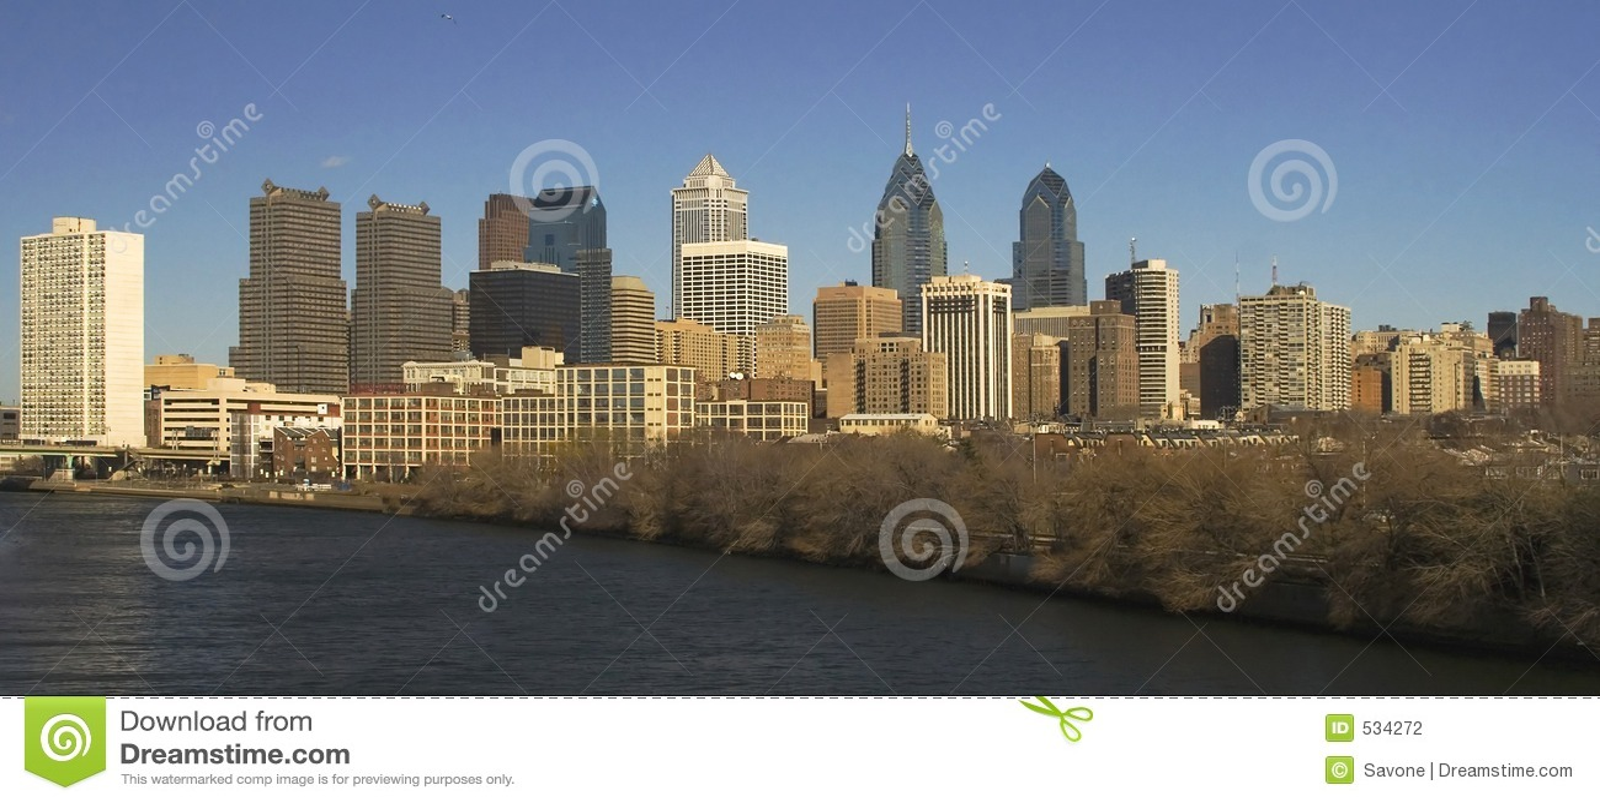 Skyline de Philadelphfia